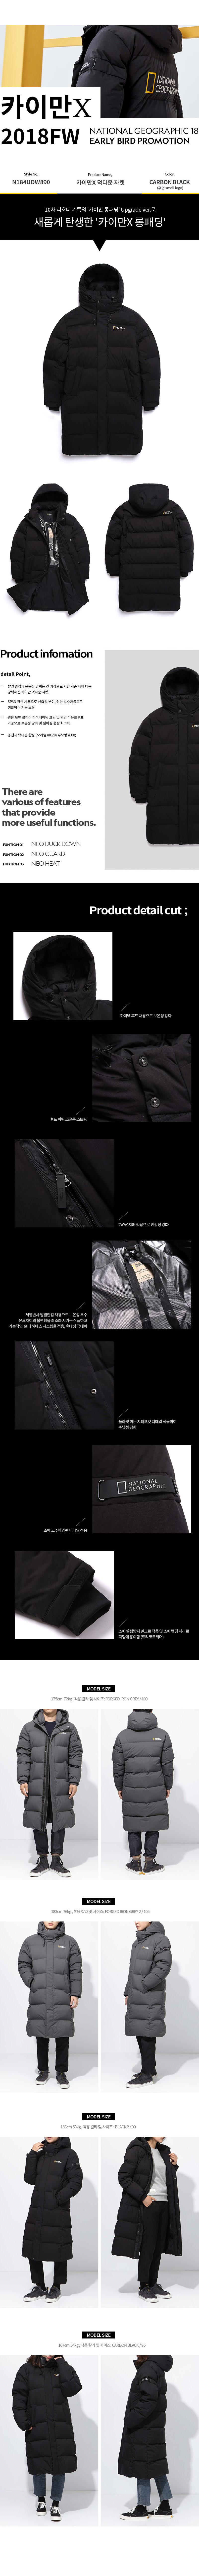 내셔널지오그래픽(NATIONALGEOGRAPHIC) N184UDW890 카이만 엑스 덕다운 벤치 다운 자켓 롱패딩 점퍼 CARBON BLACK